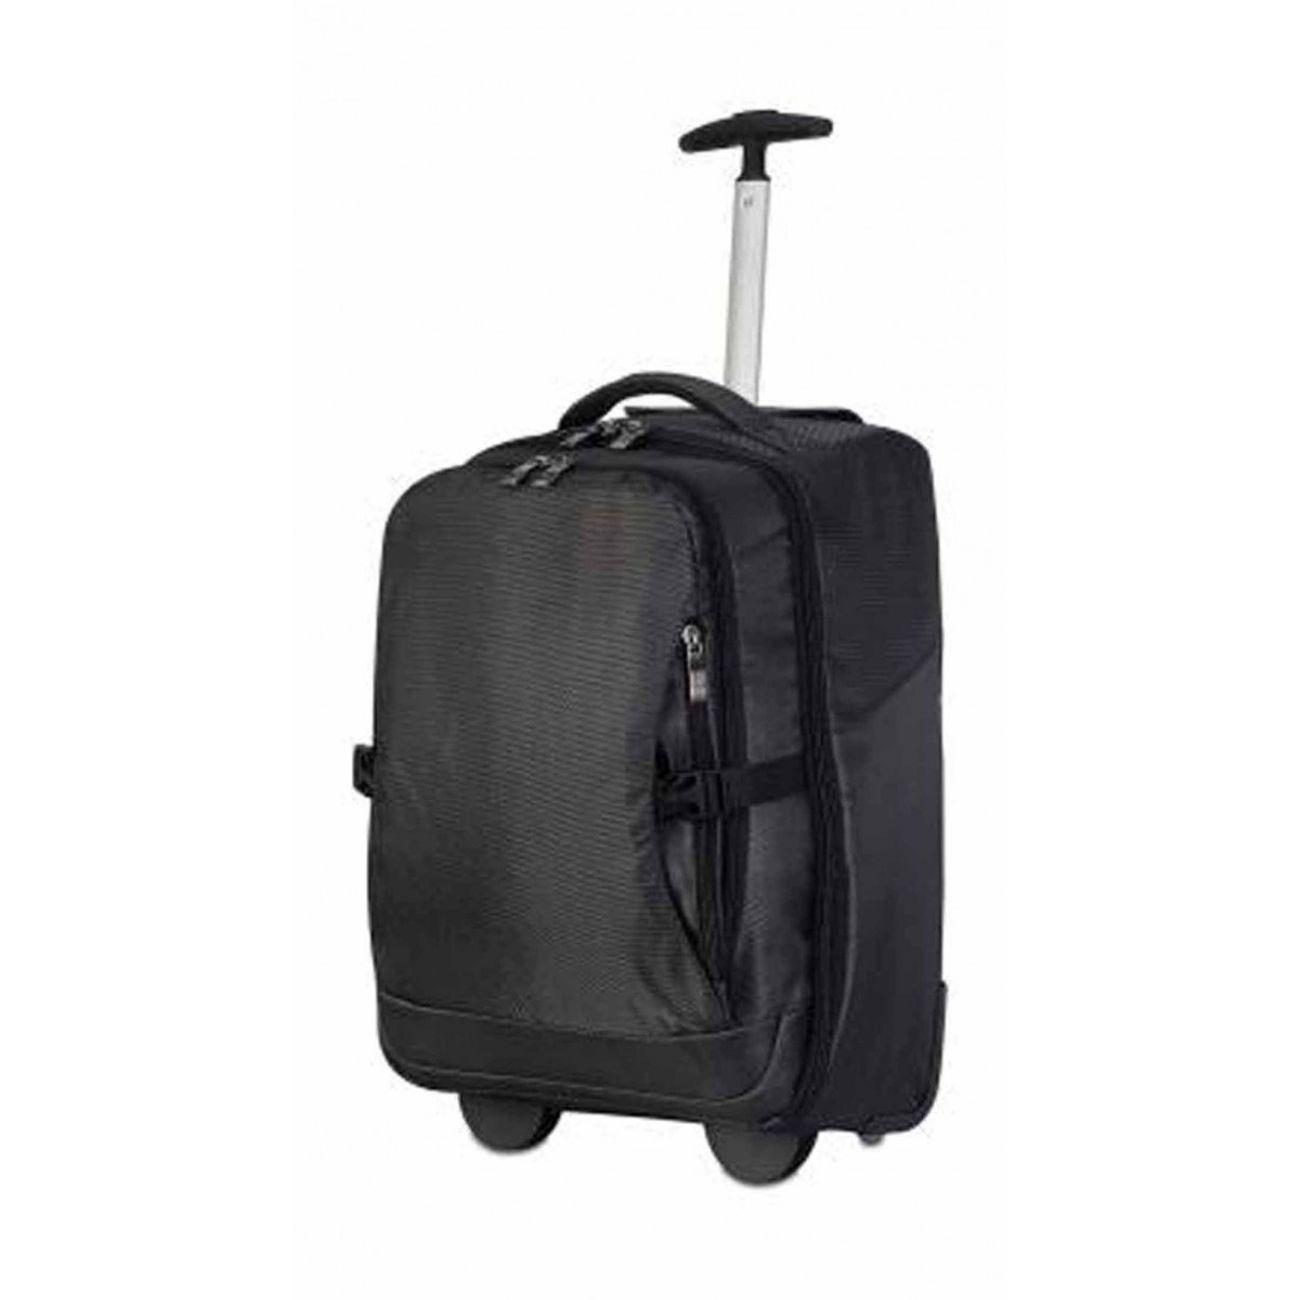 4f43ac27349dd8 Et Ordinateur Prix Noir Achat 1424 Portable Cabine – Sac Trolley qxn84TqP